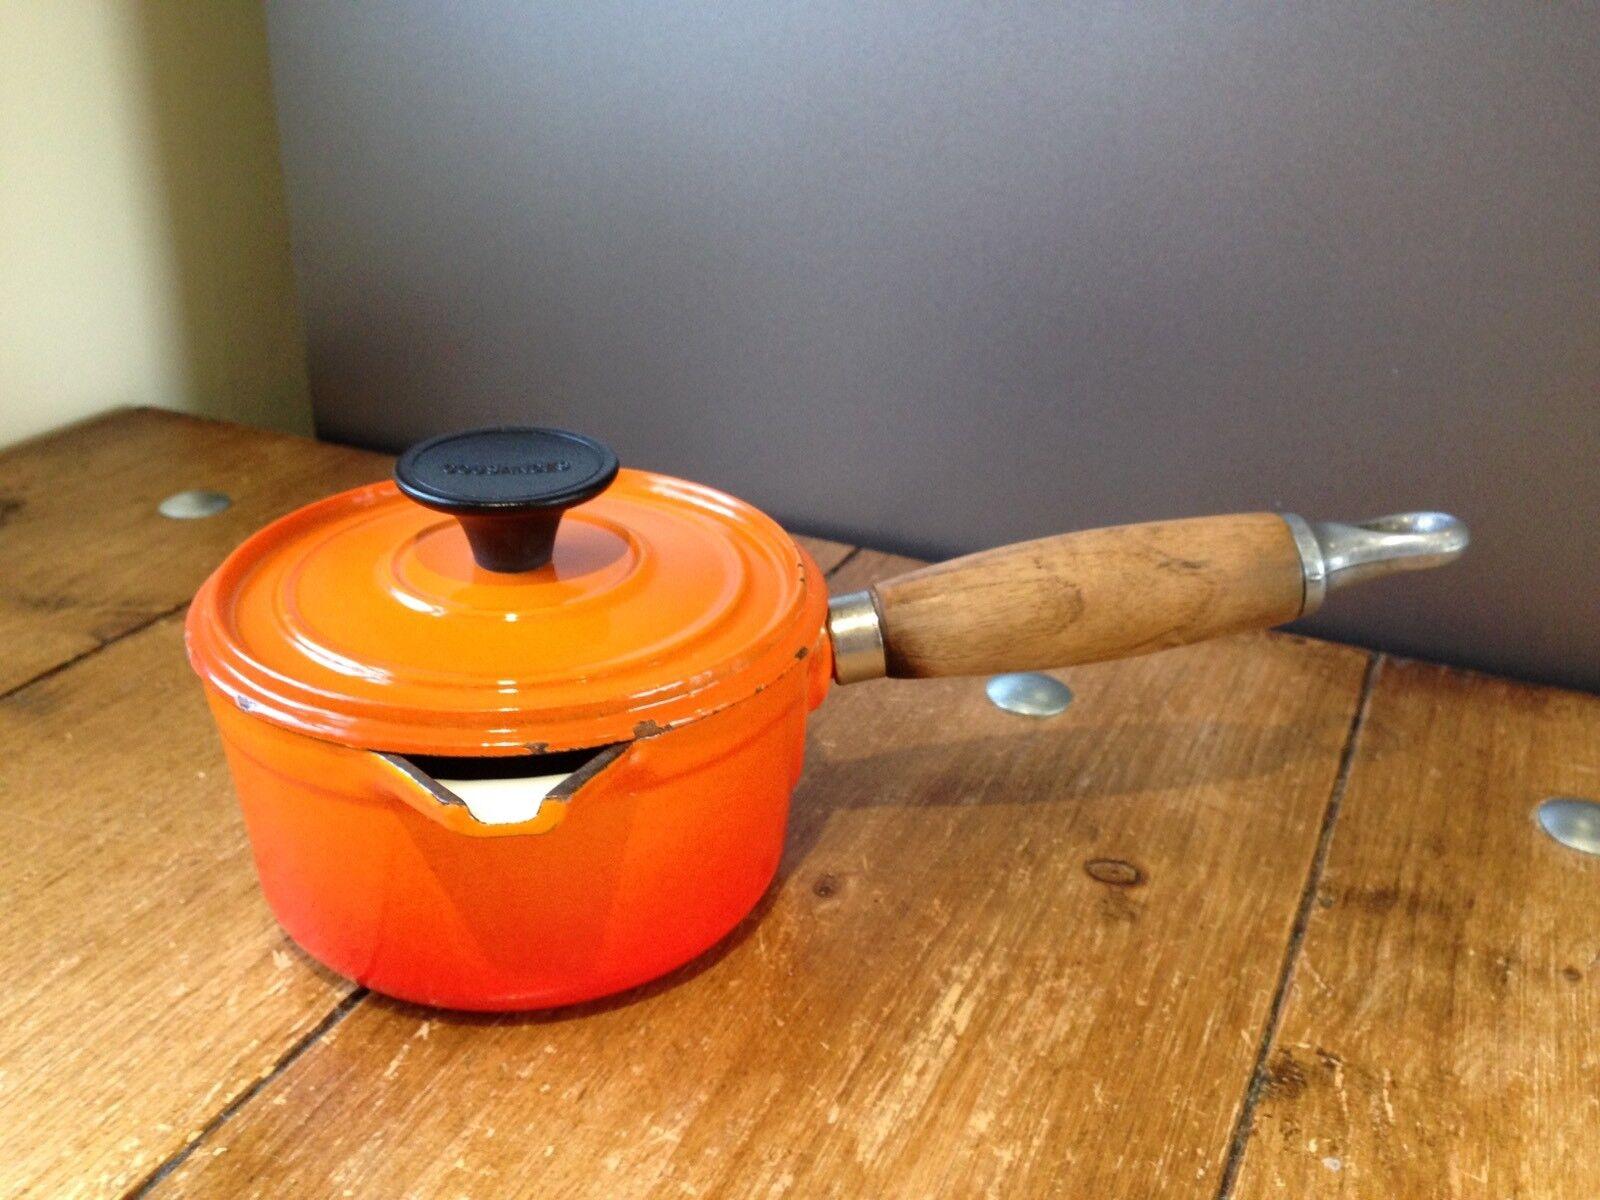 COUSANCES FRANCE VOLCANIC Orange ENAMEL CAST IRON 14 CM LIDDED SAUCEPAN POT PAN